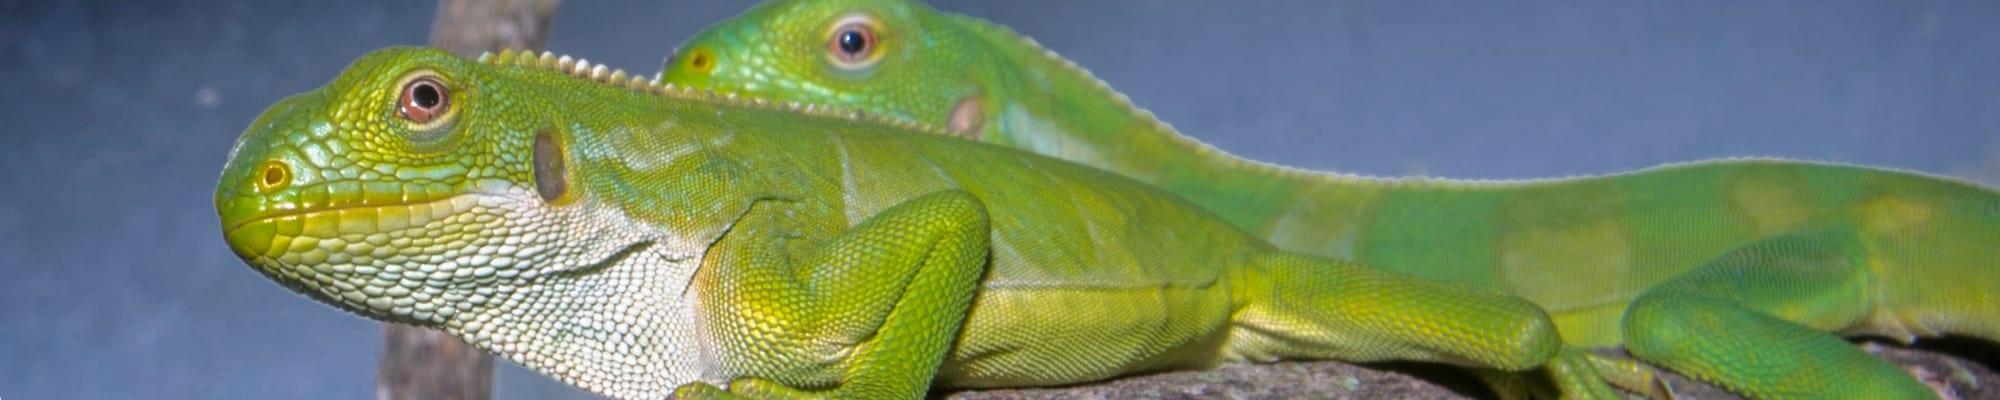 Green, Rare & New at the Zoo